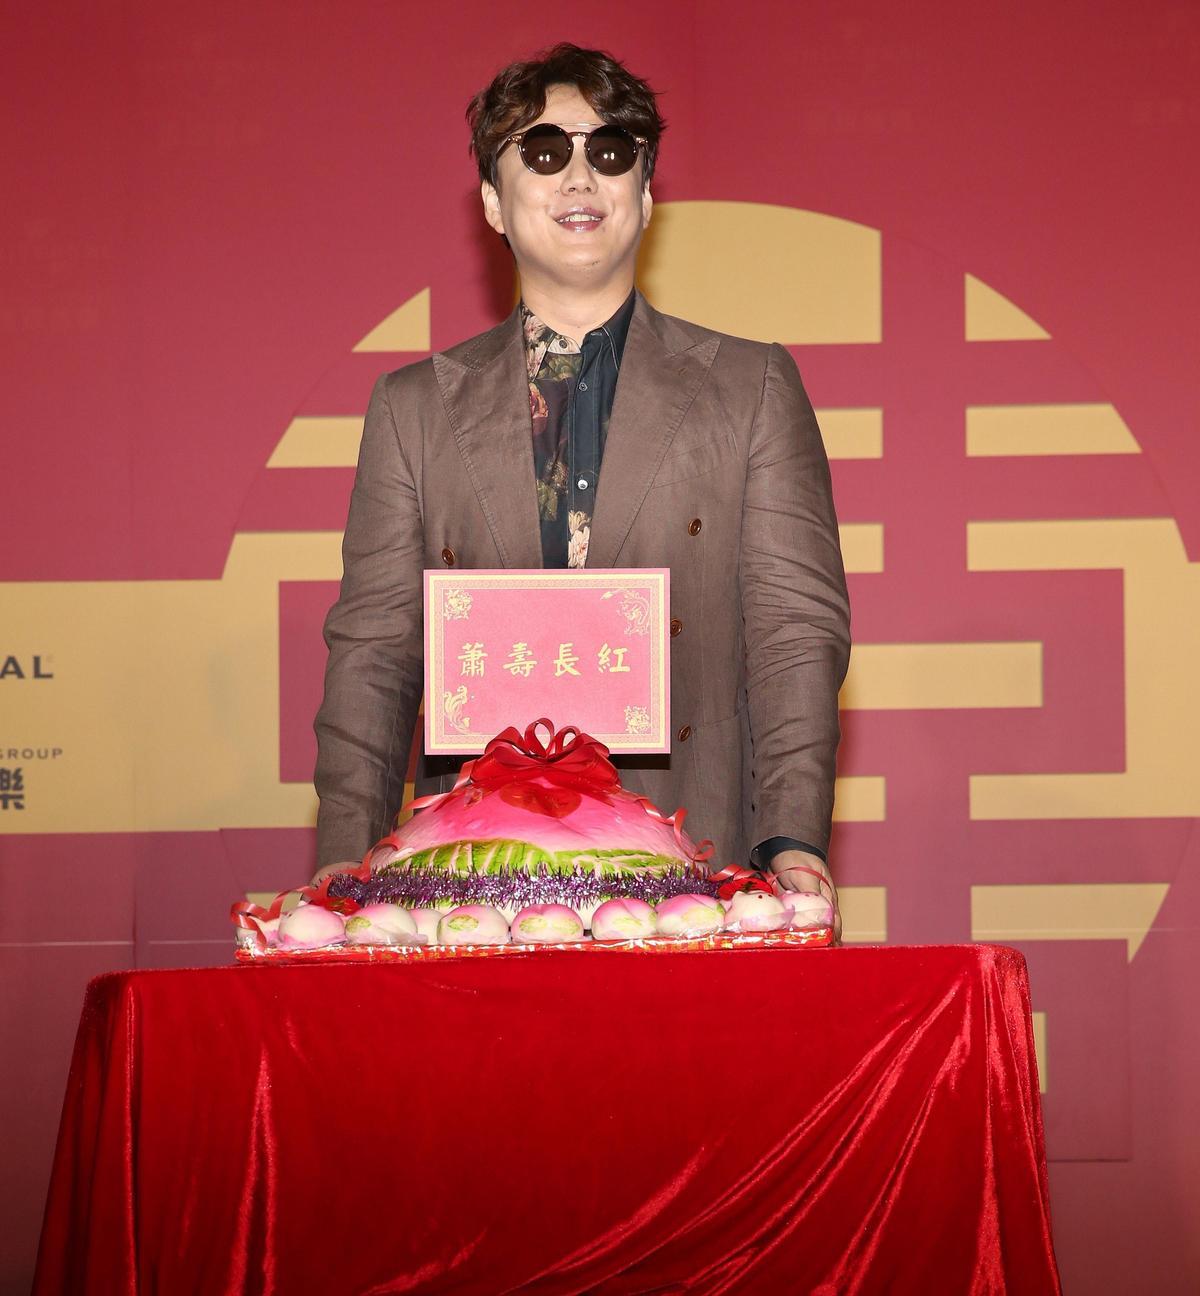 蕭煌奇透露下張會推出國語專輯、明年將在登台北小巨蛋舉辦演唱會。(環球提供)